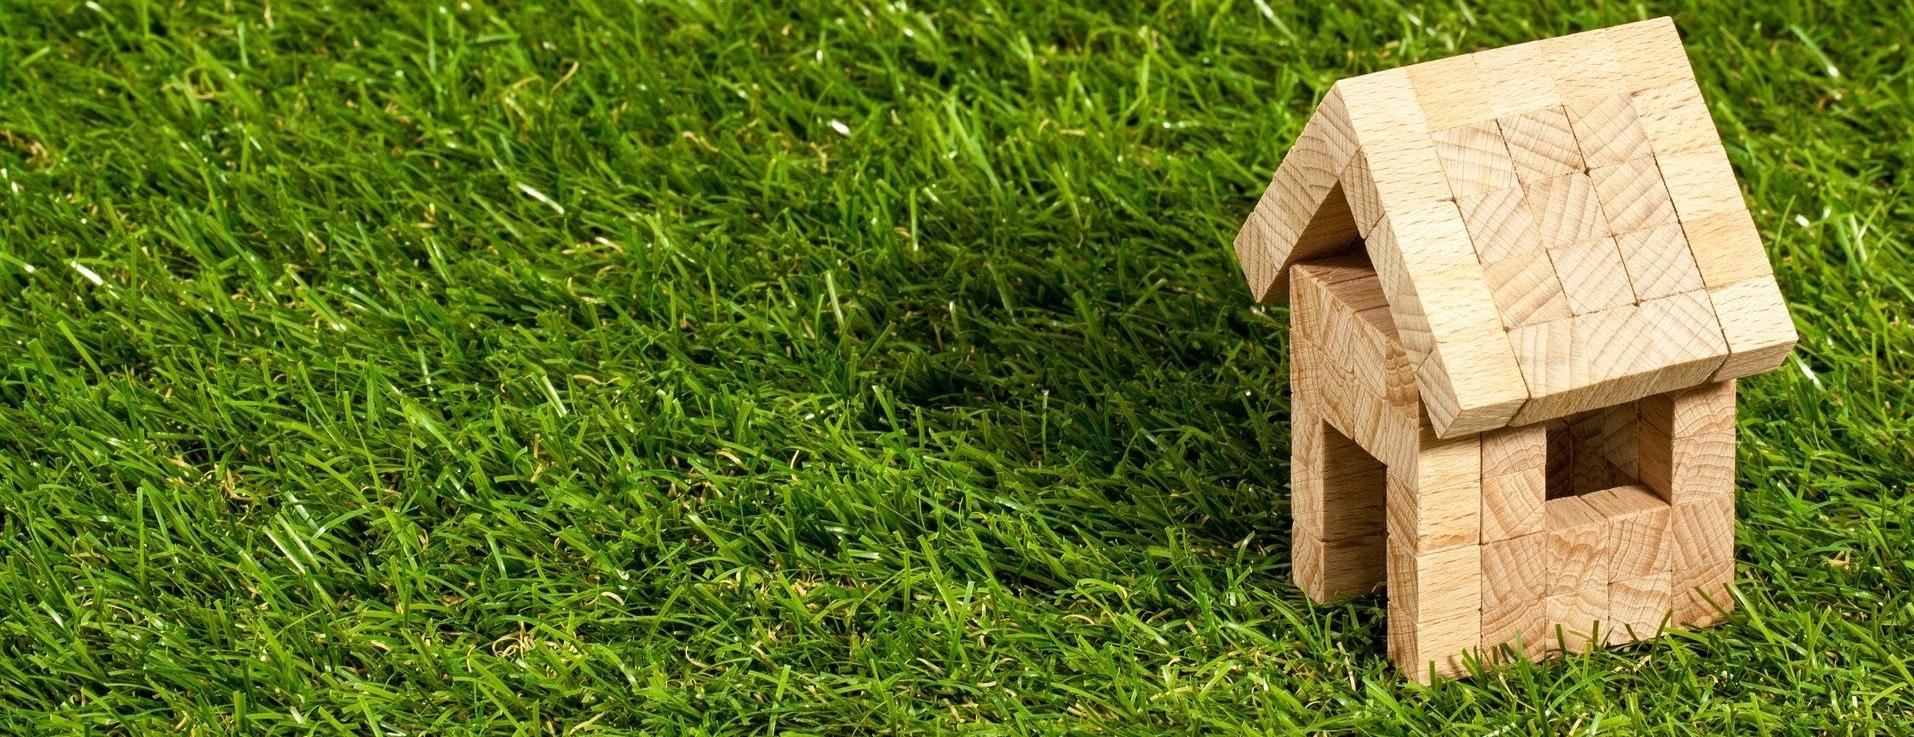 Kleines Holzhaus auf grüner Wiese.